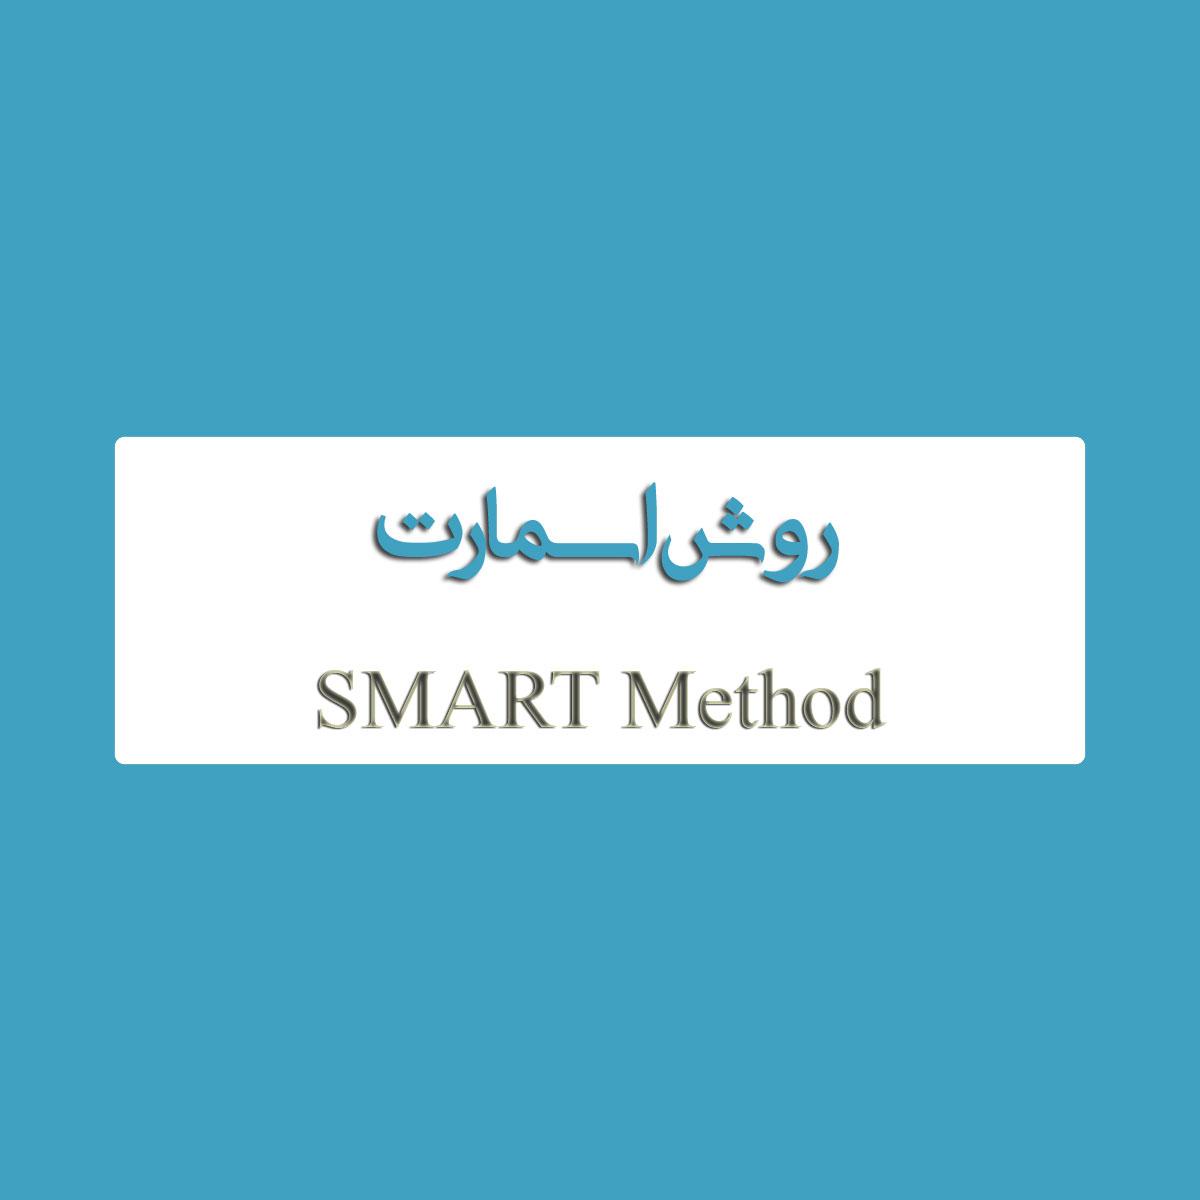 مثال روش SMART